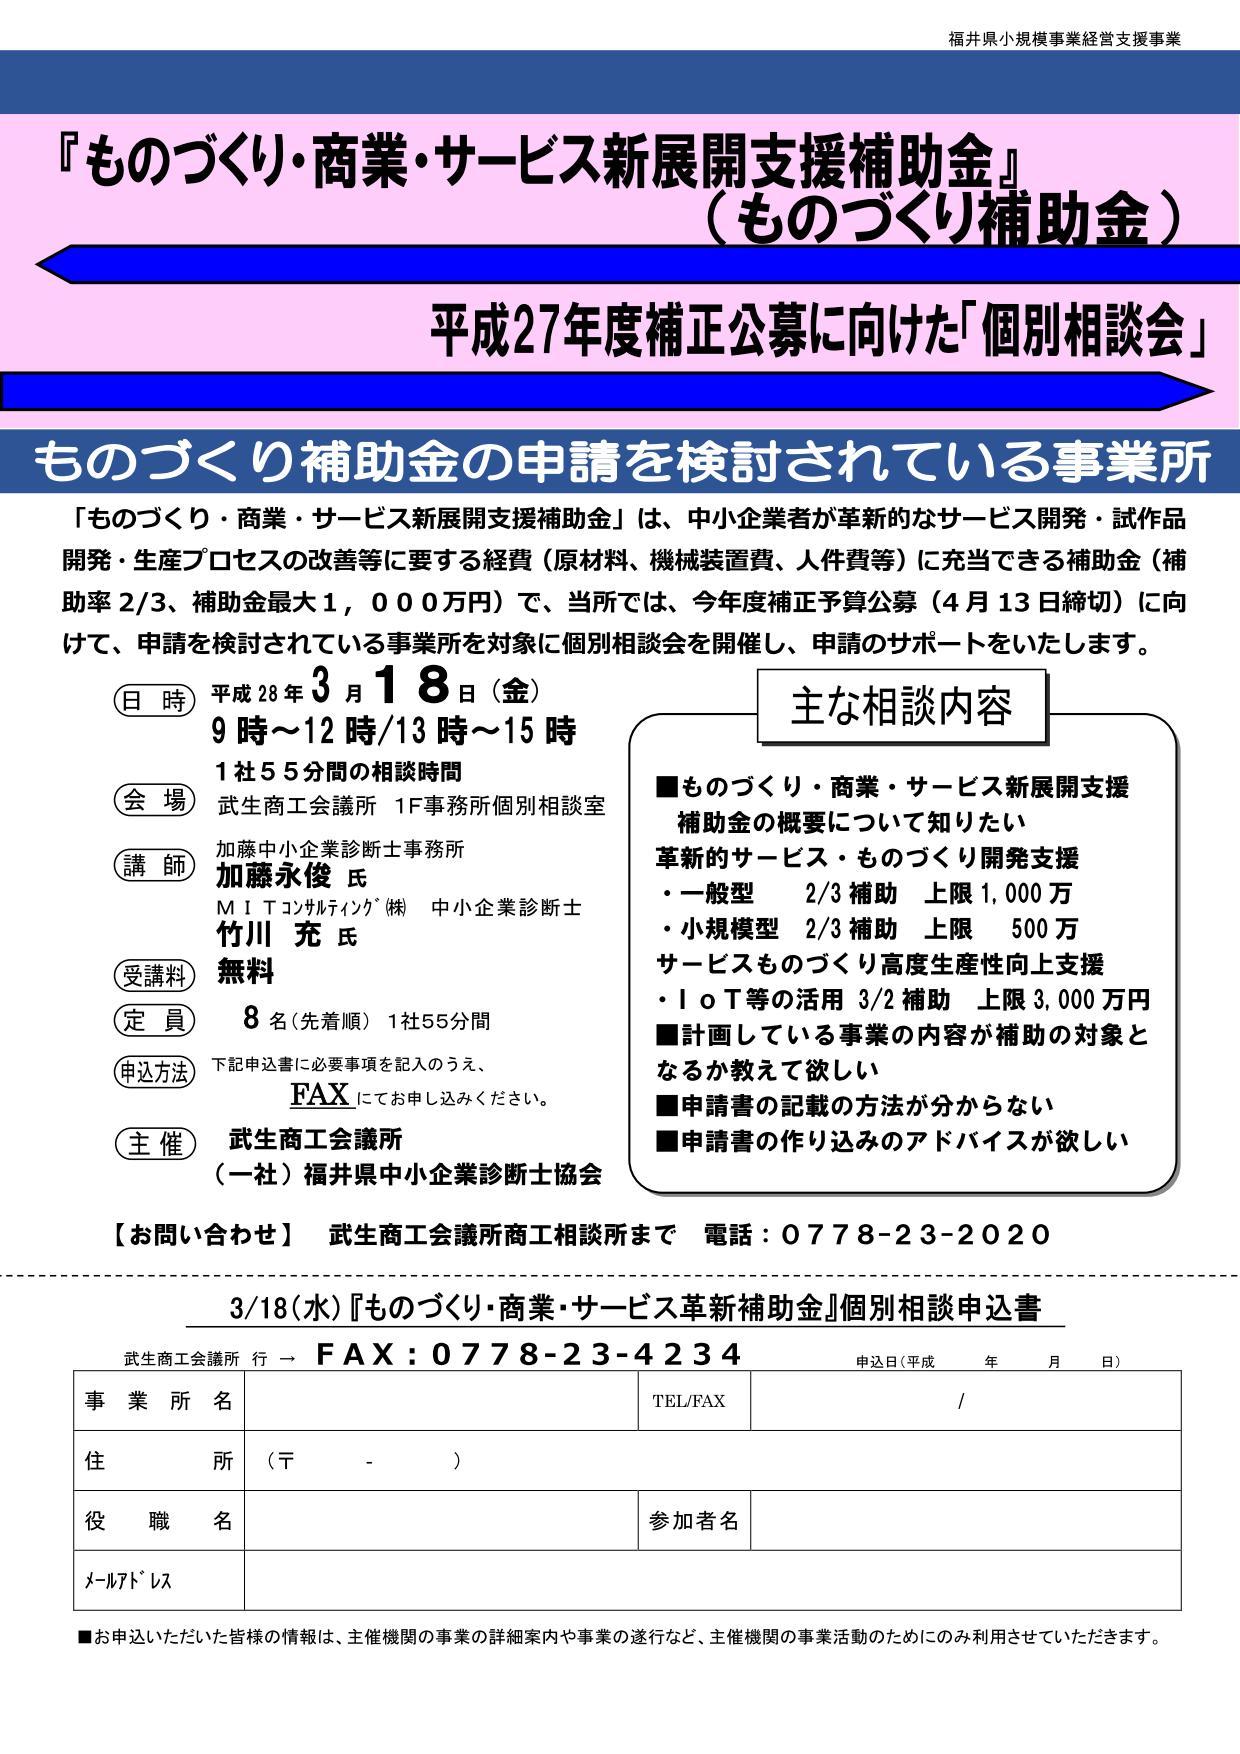 チラシ@ものづくり個別相談会.jpg